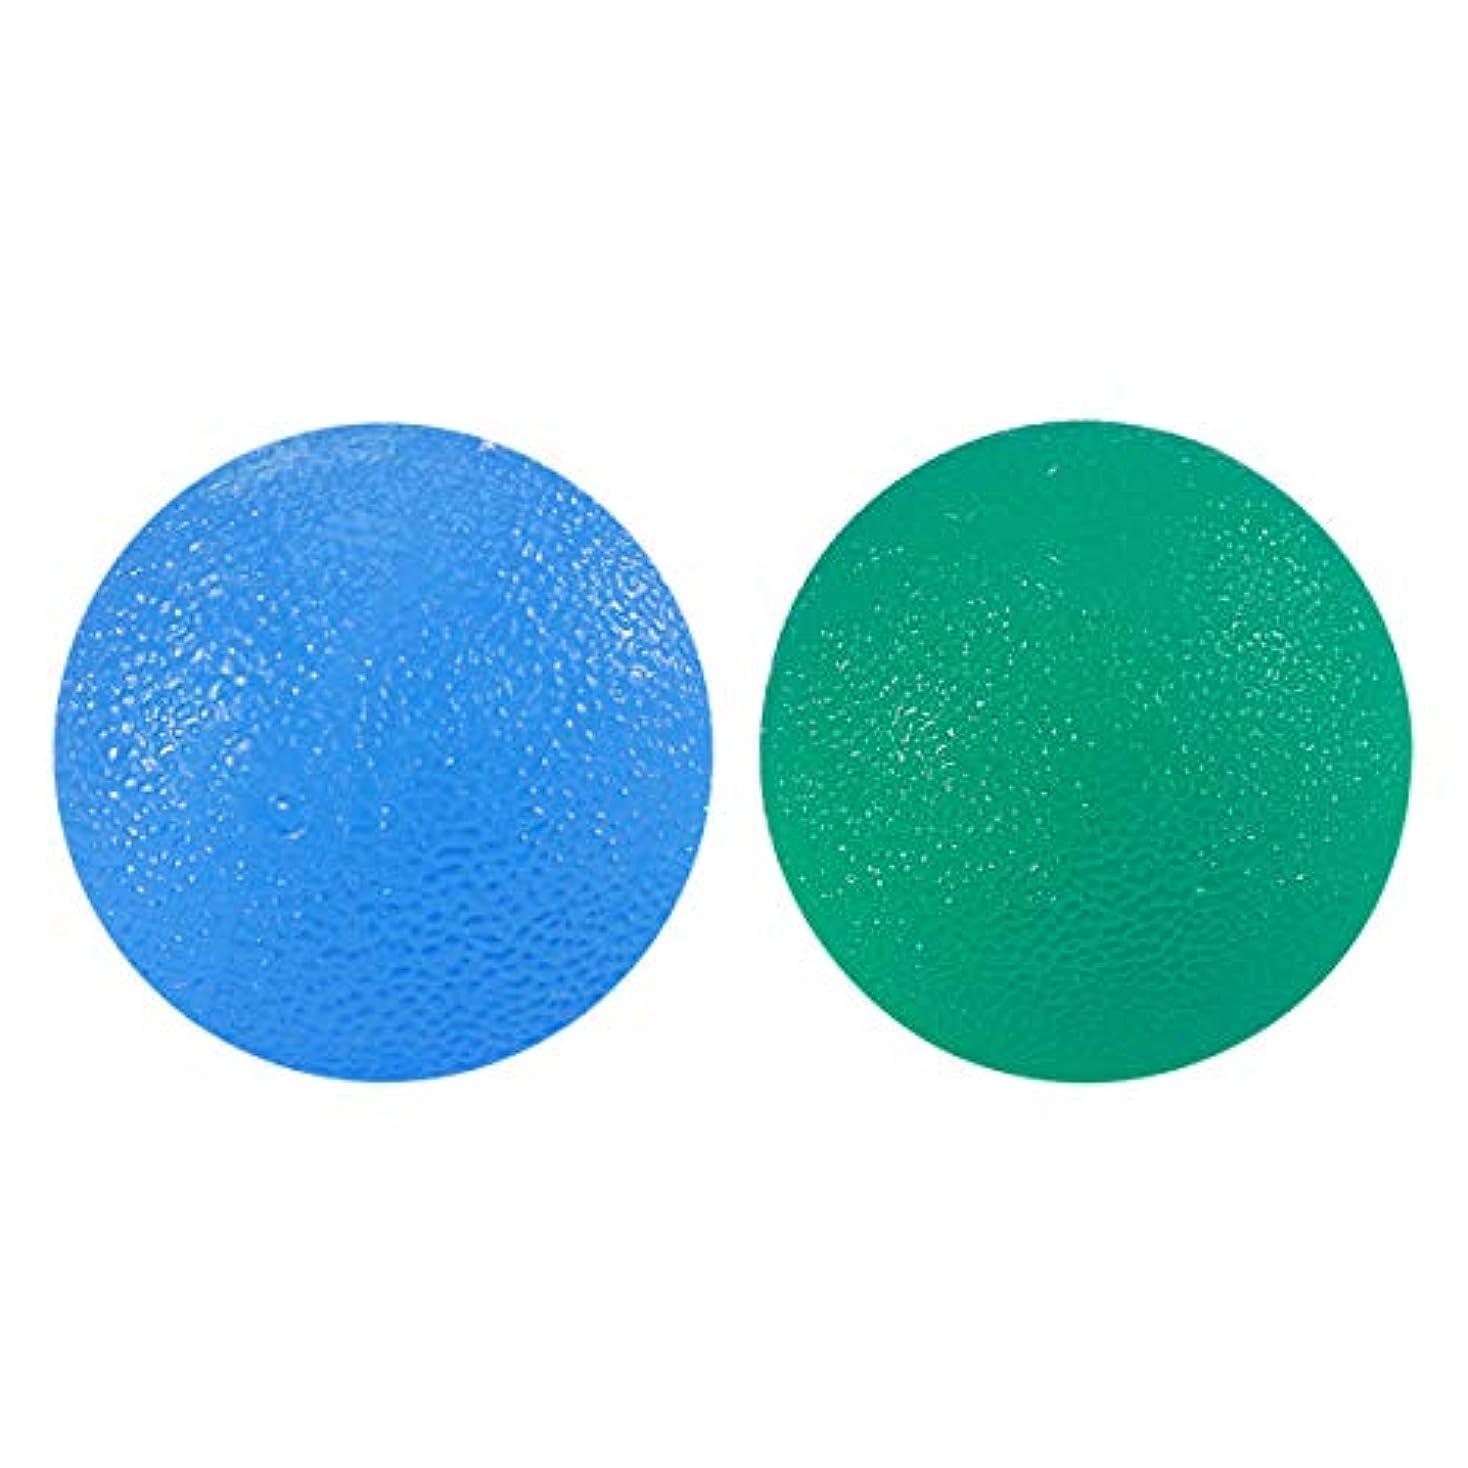 鳴り響く郵便屋さん栄光HEALIFTY 2本の中国の健康運動マッサージボールのストレスは、手の運動(緑と青)